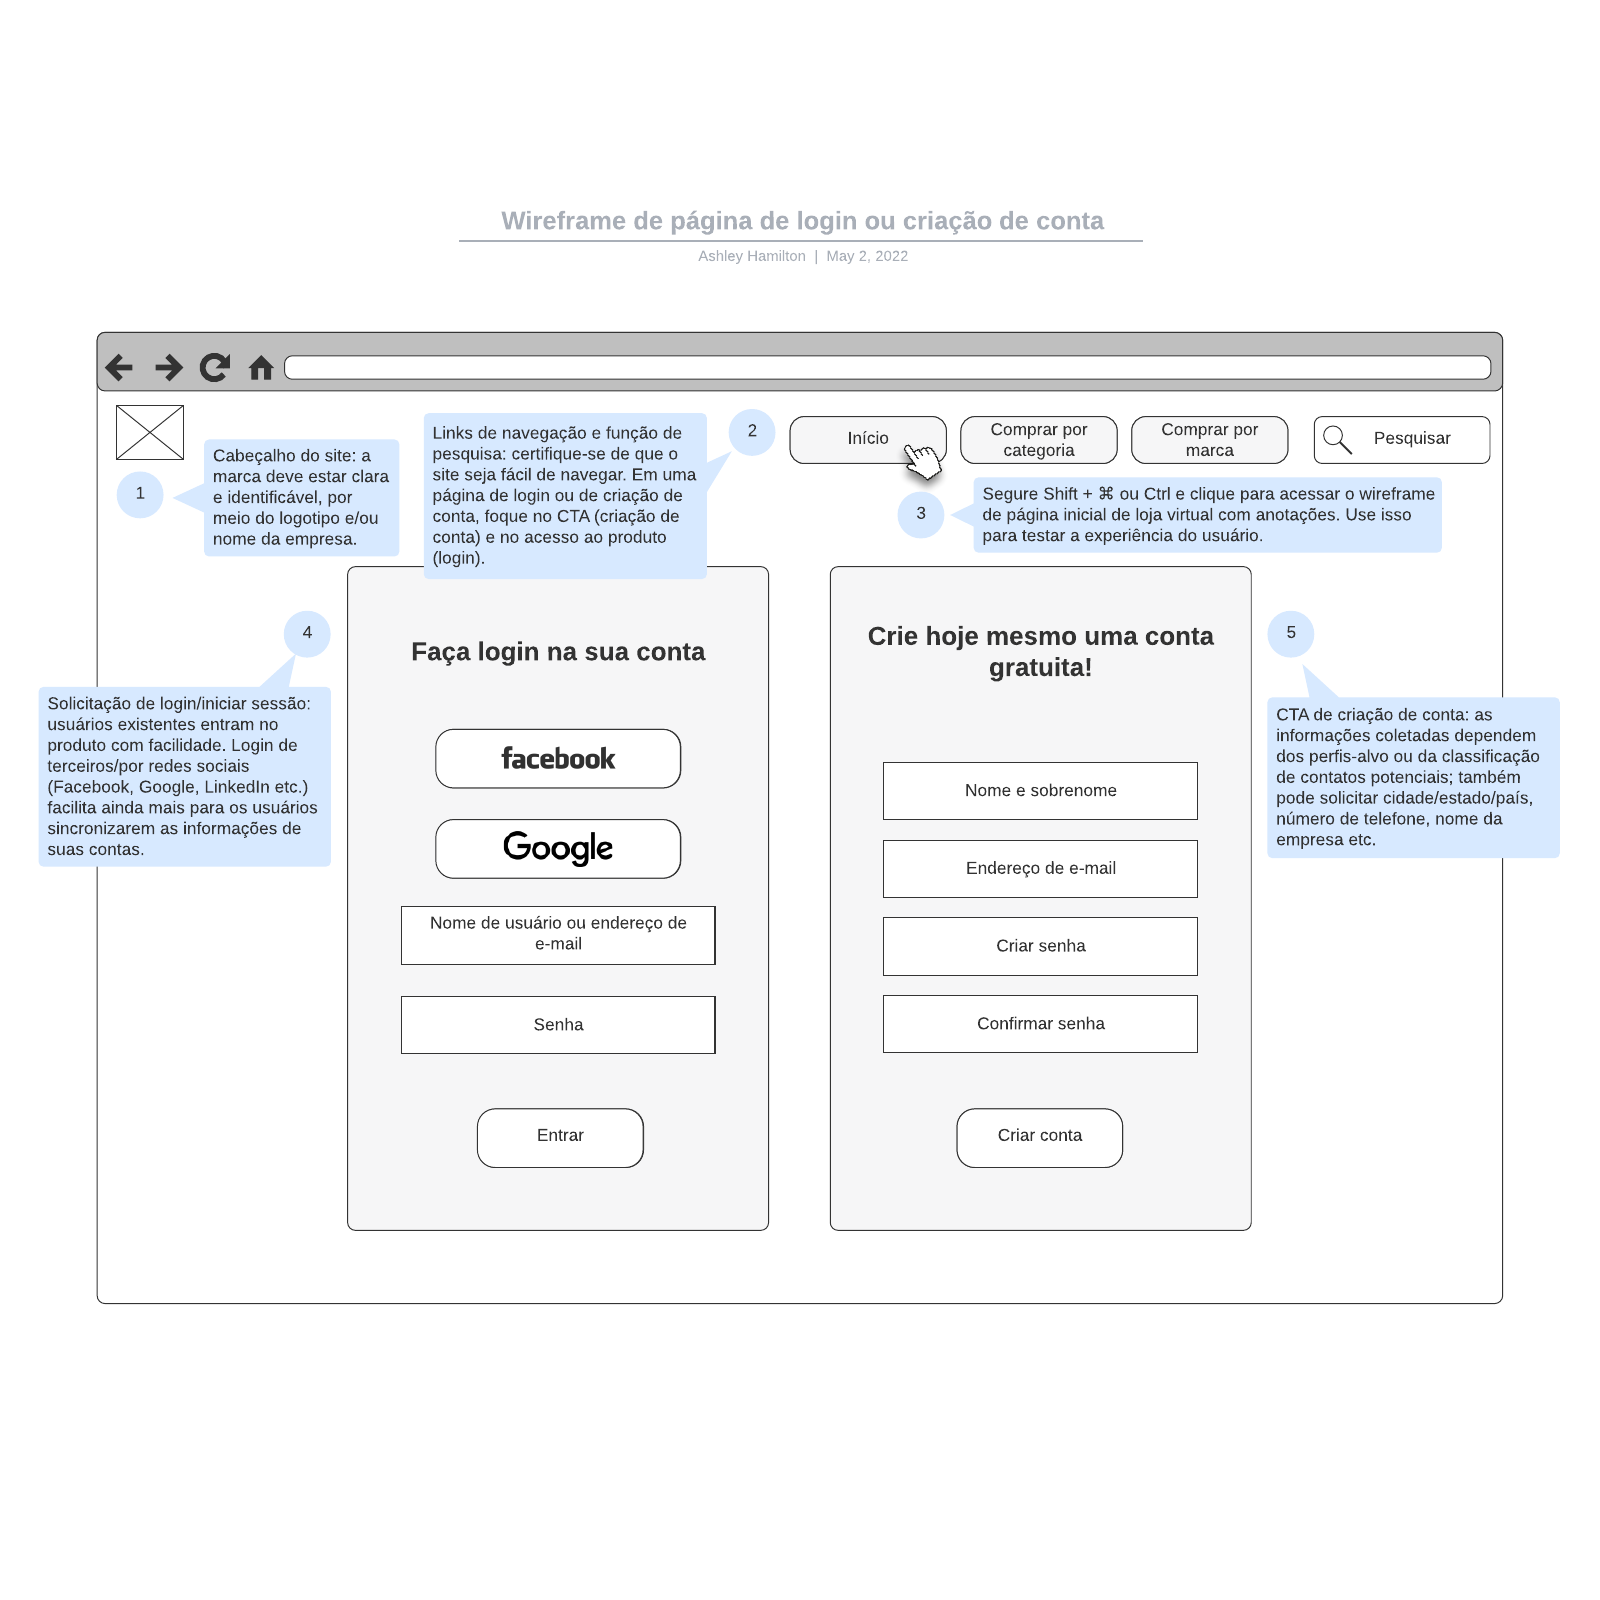 Wireframe de página de login ou criação de conta